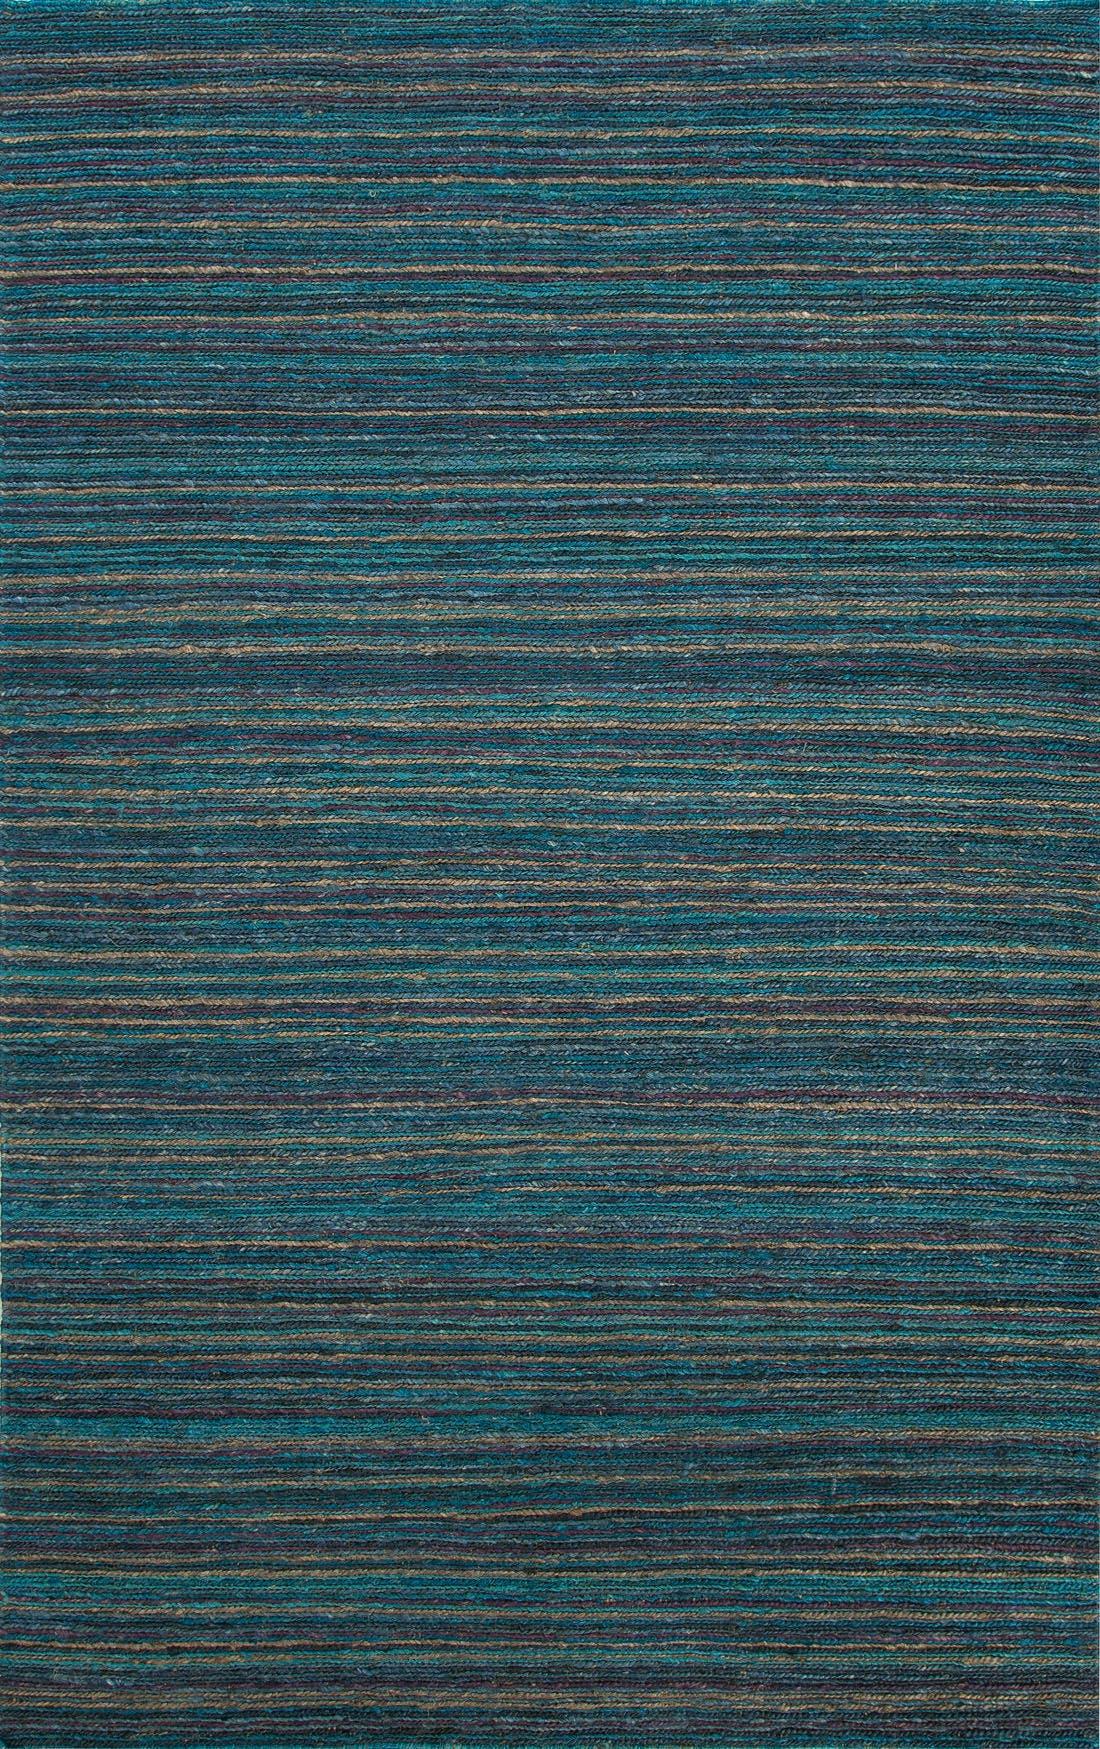 Picture of: Jaipur Rugs Floor Coverings Naturals Stripe Pattern Hemp Blue Purple Area Rug